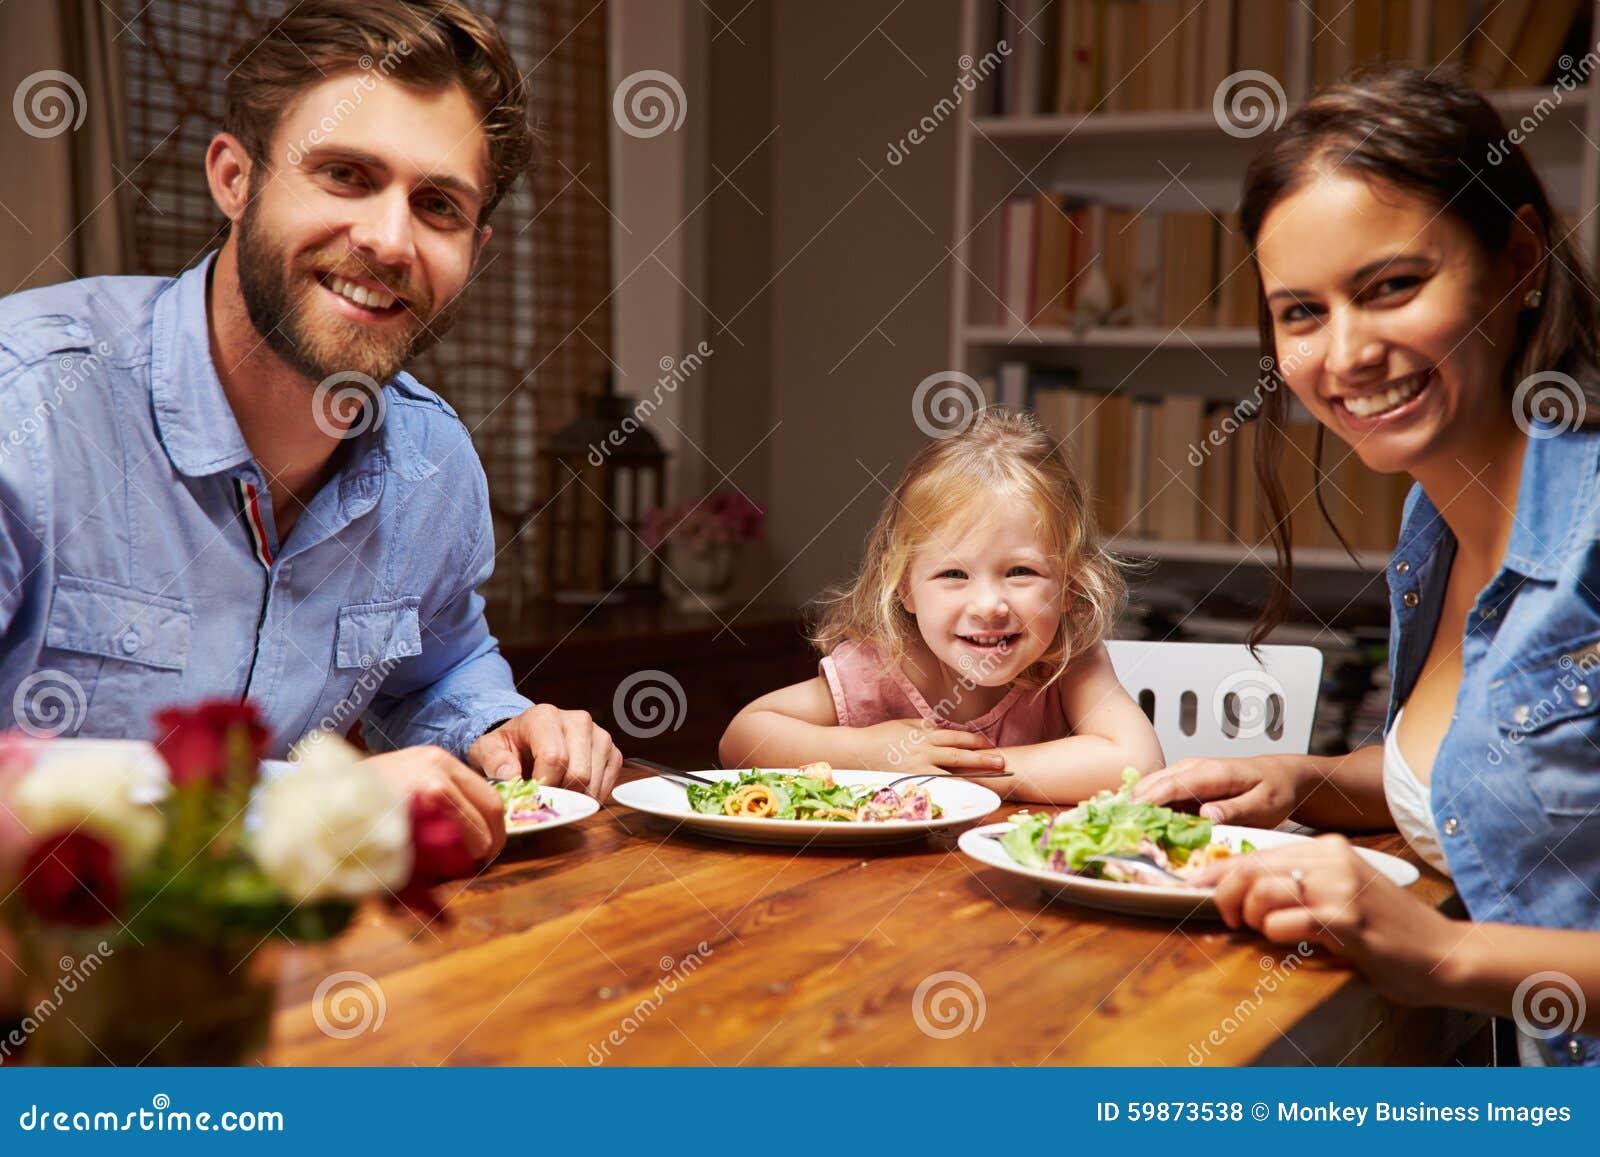 Семья есть обедающий на обеденном столе, смотря камеру